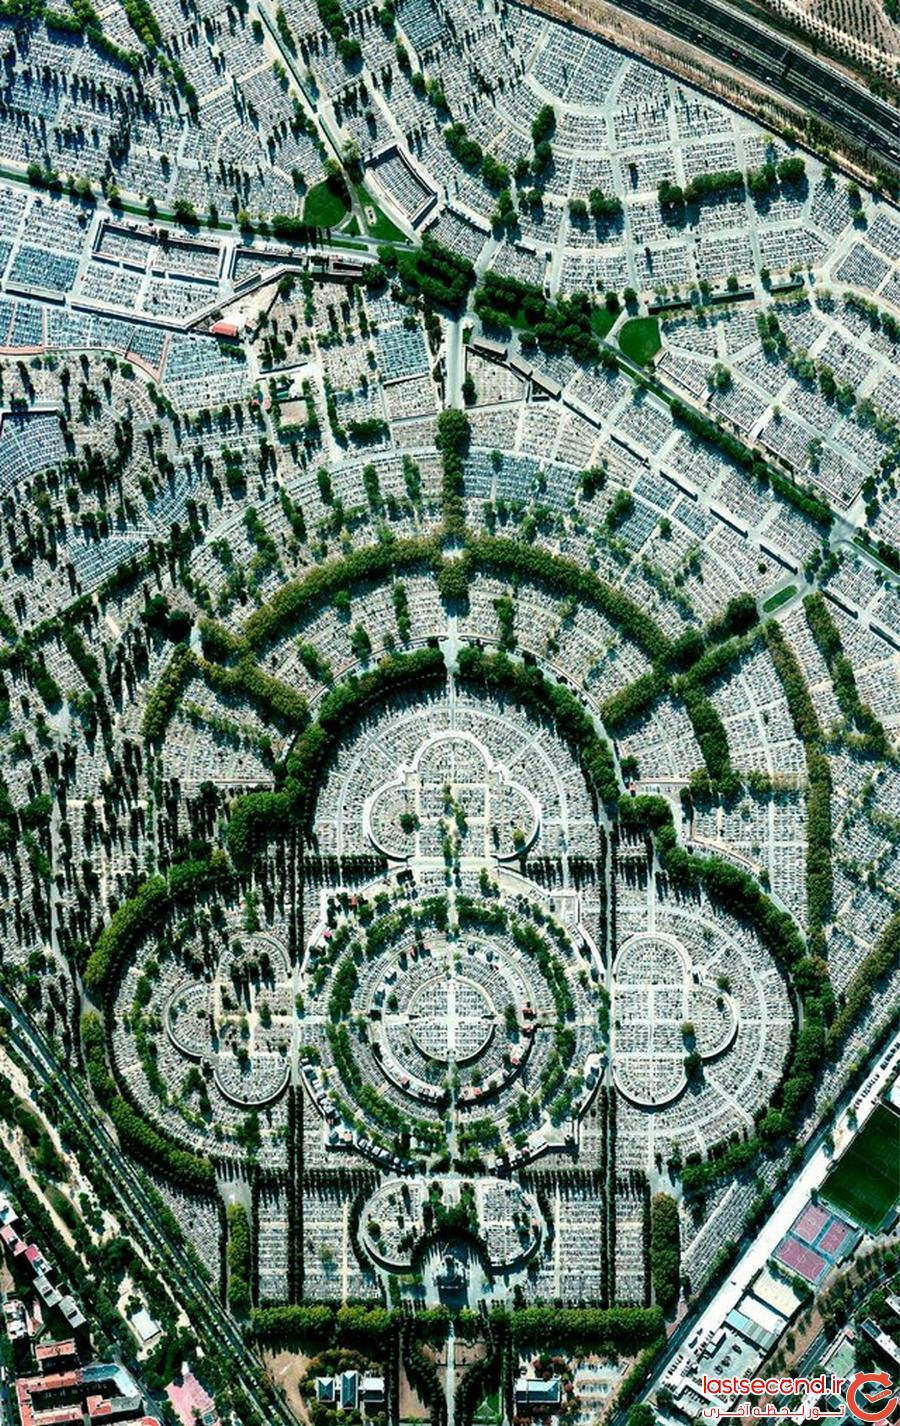 مناظر و نشانه های مشهور قابل رویت از فضا